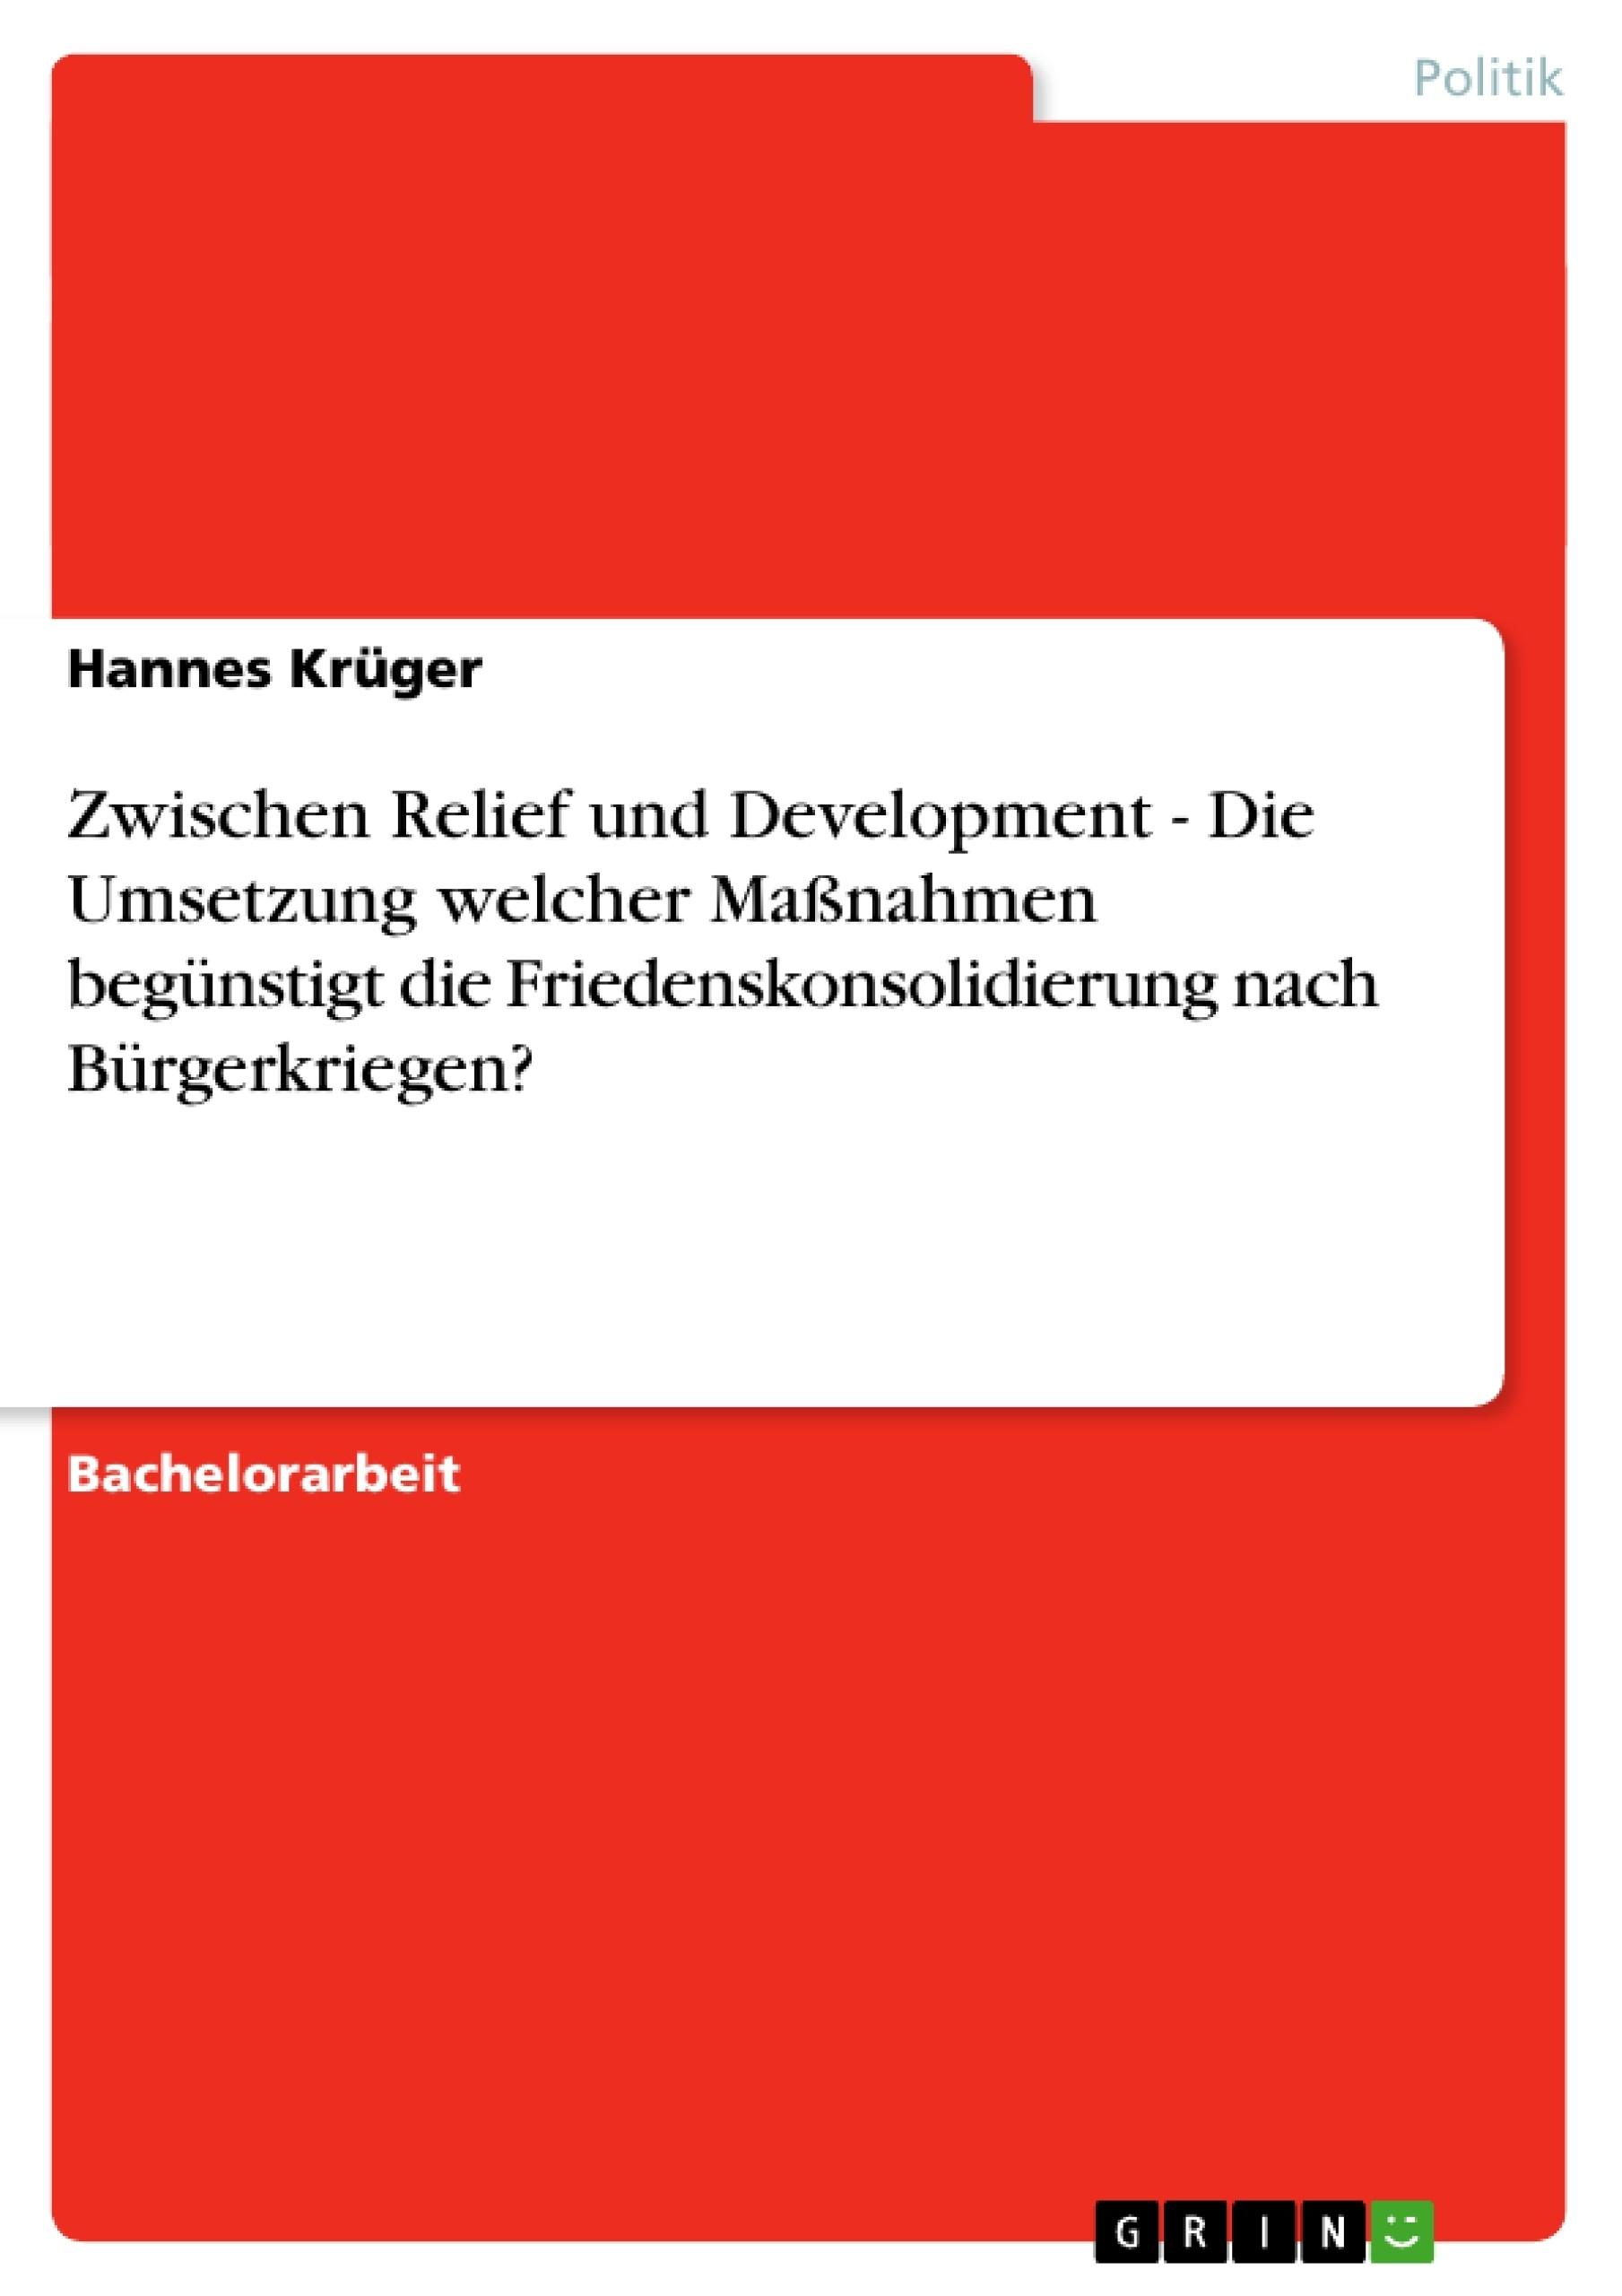 Titel: Zwischen Relief und Development - Die Umsetzung welcher Maßnahmen begünstigt die Friedenskonsolidierung nach Bürgerkriegen?